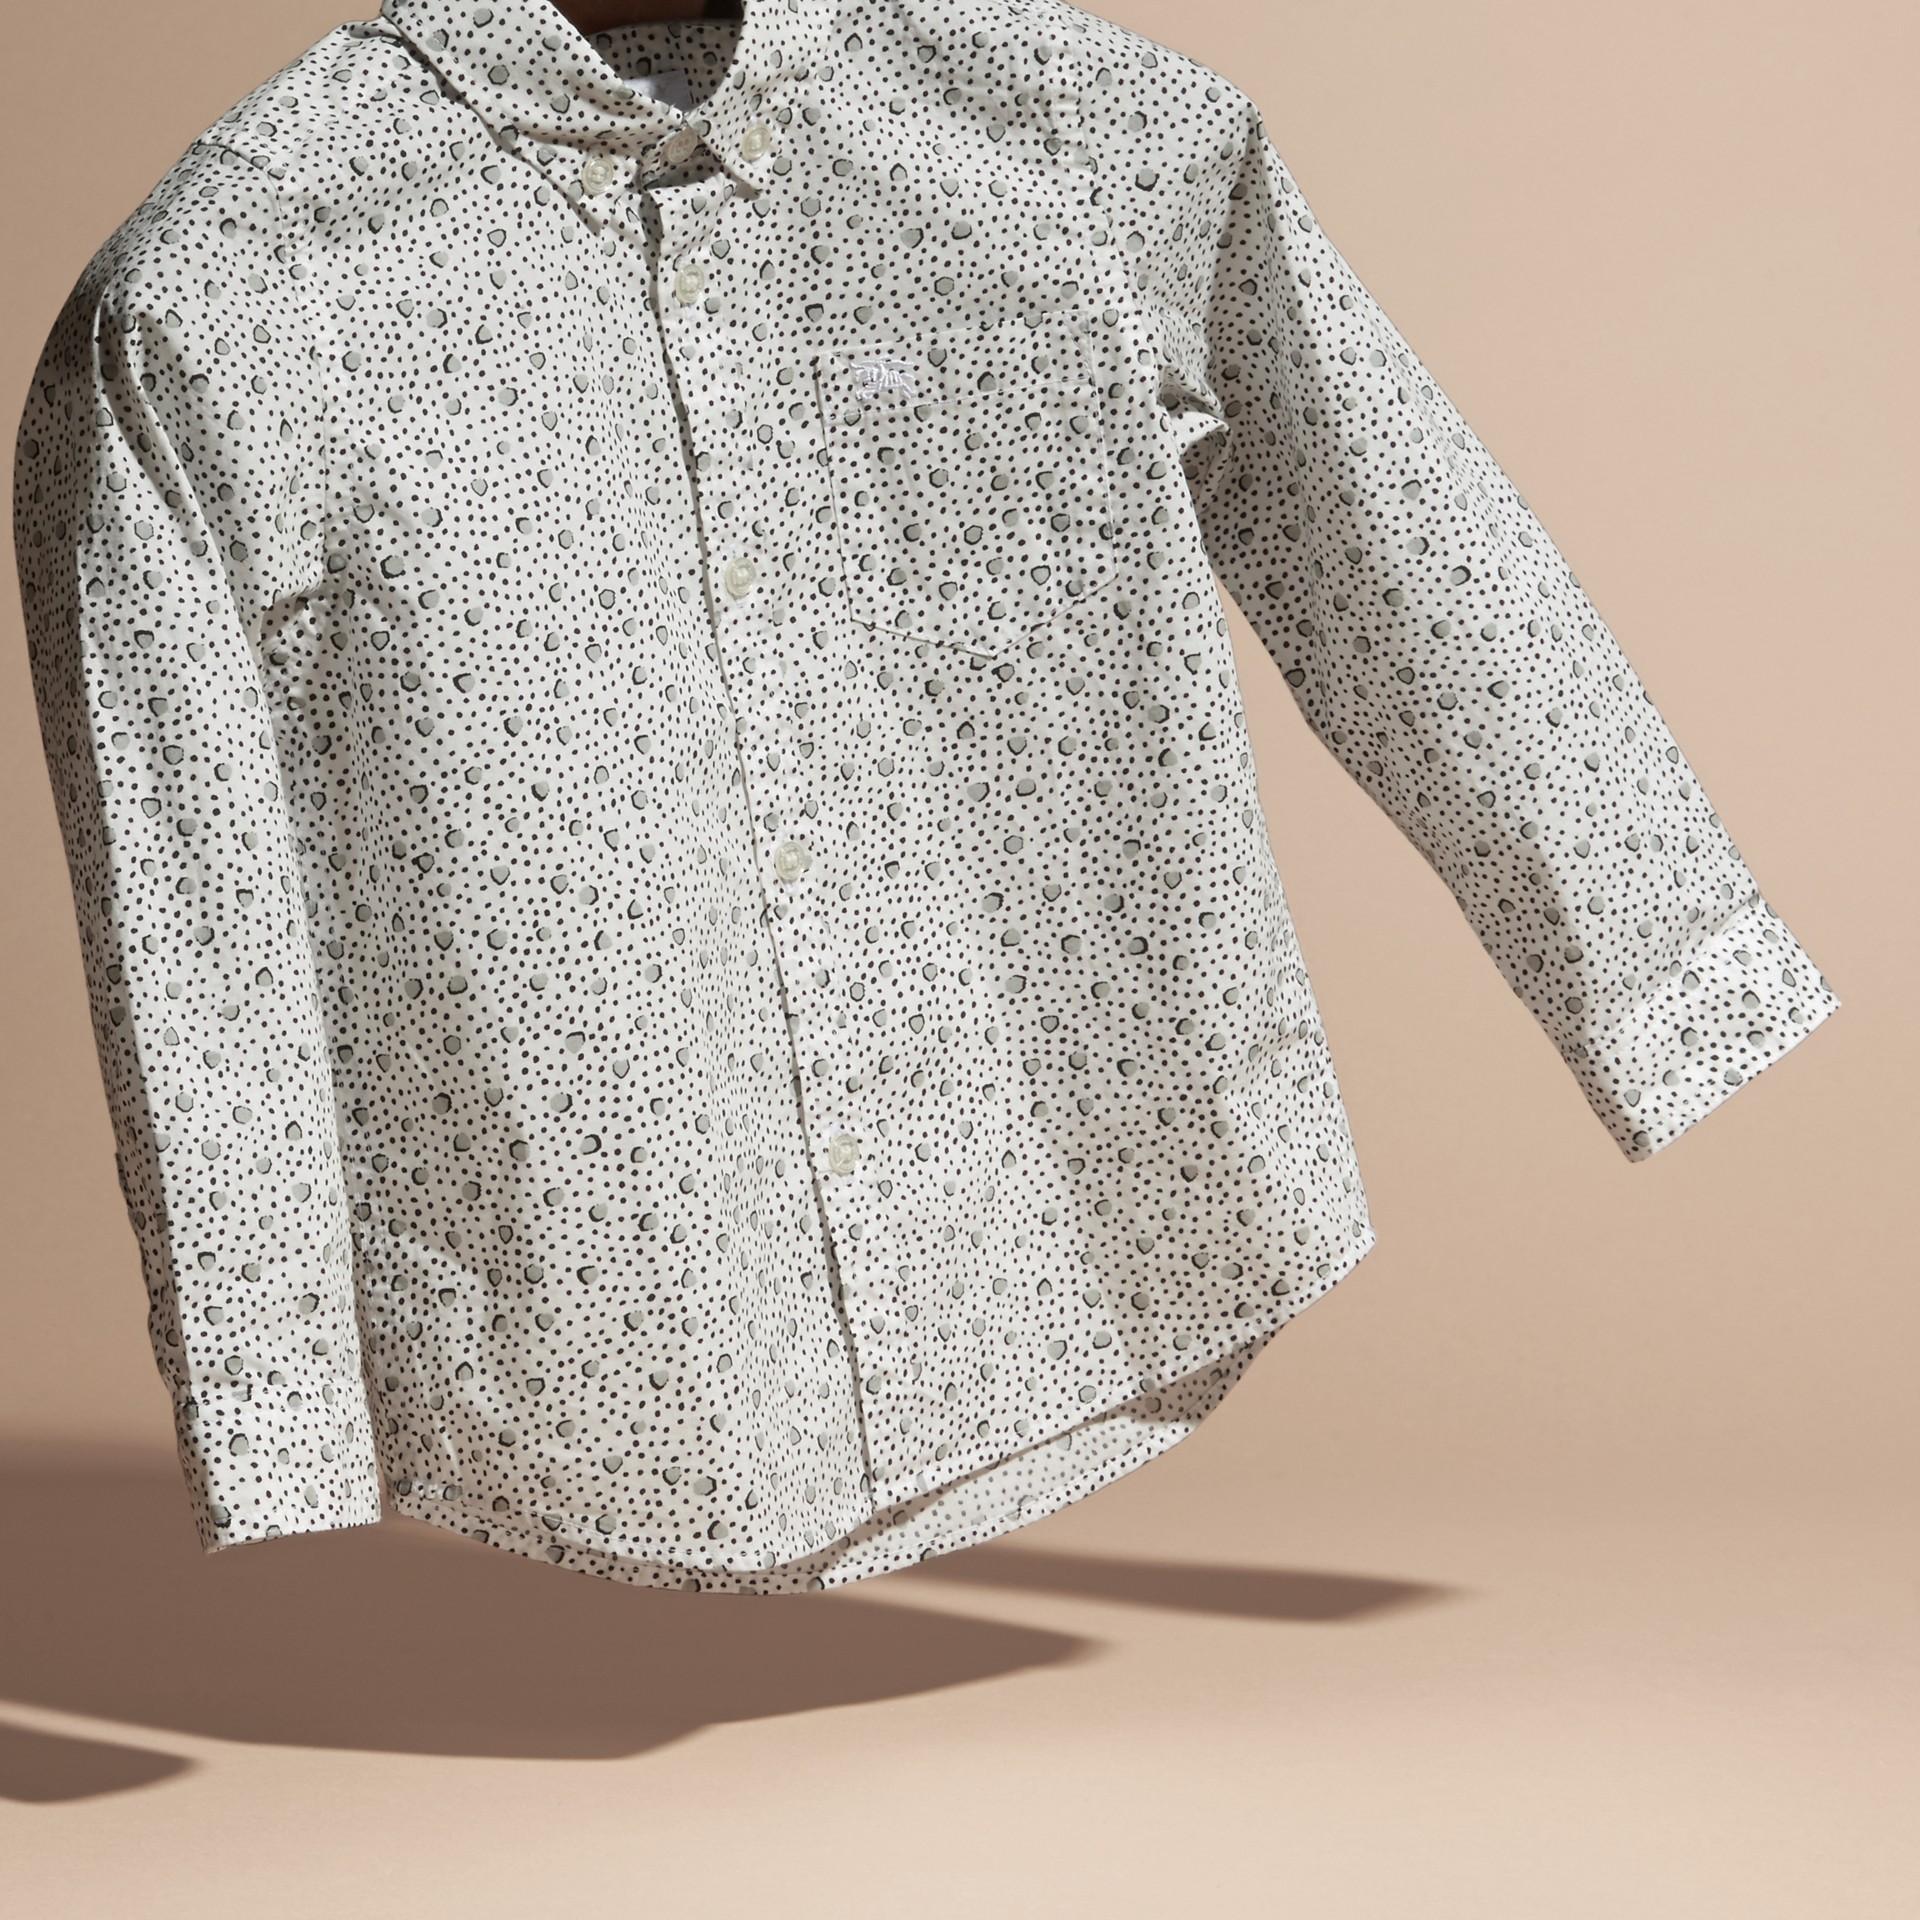 Branco Camisa de algodão com estampa de poás Branco - galeria de imagens 3